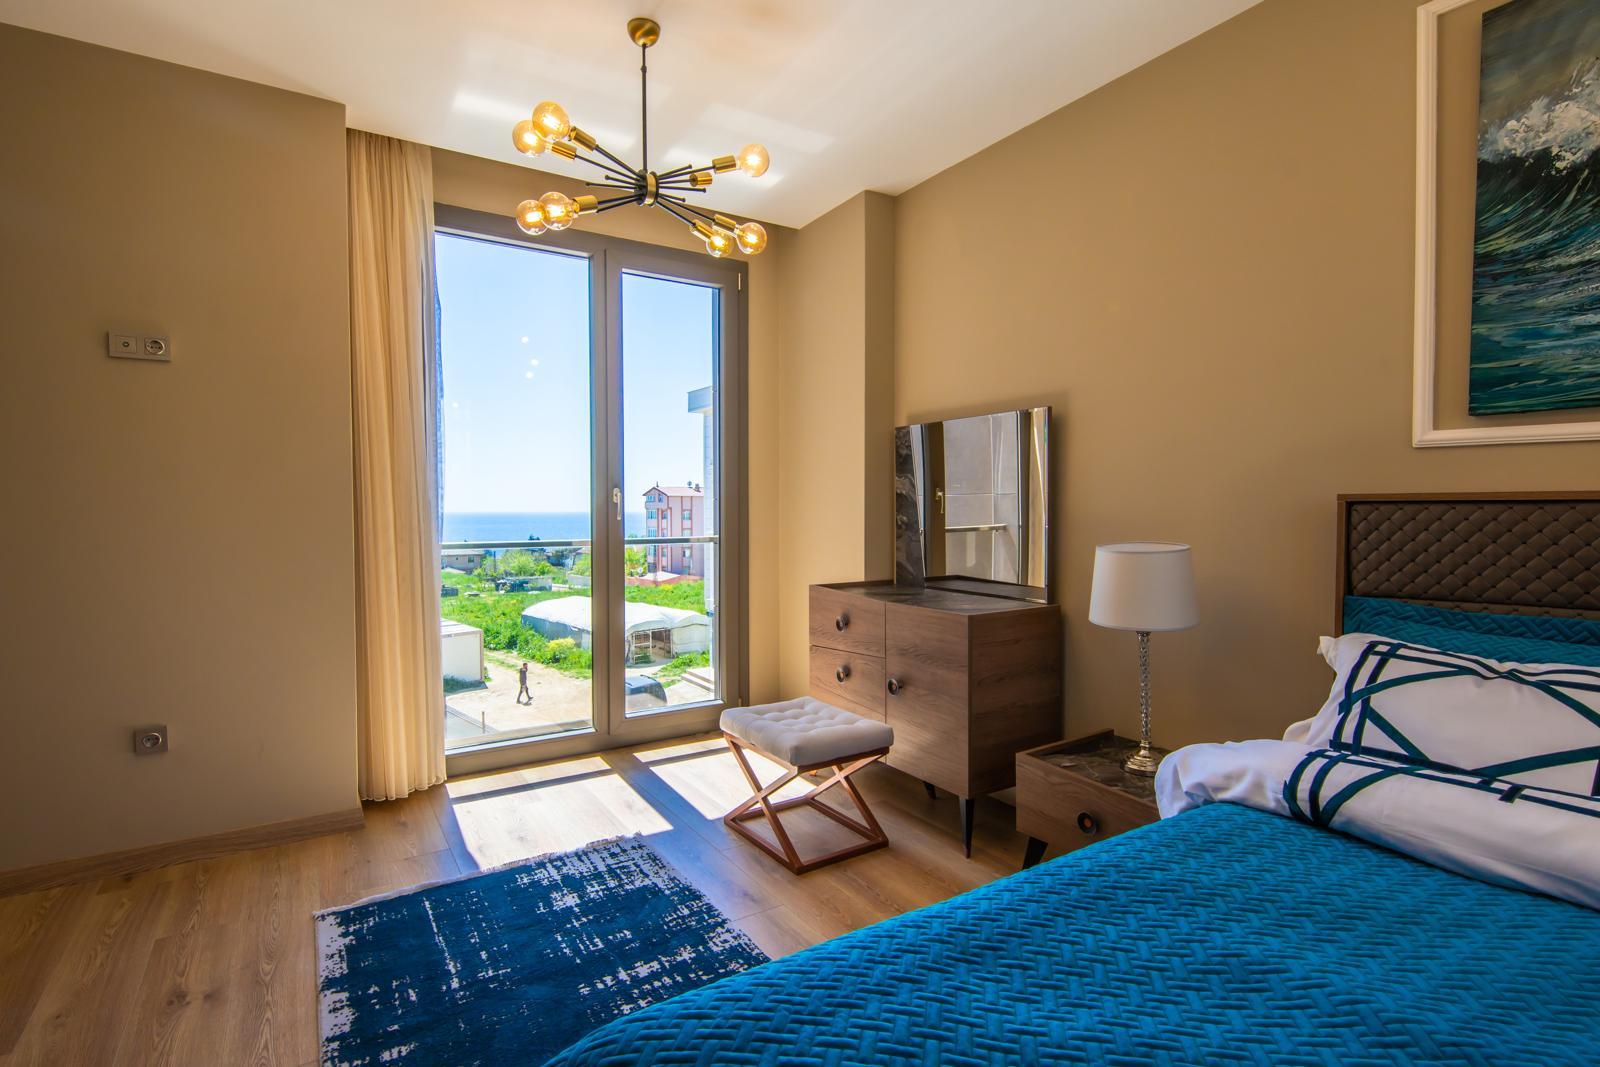 Апартаменты в новом комплексе на берегу моря - Фото 13